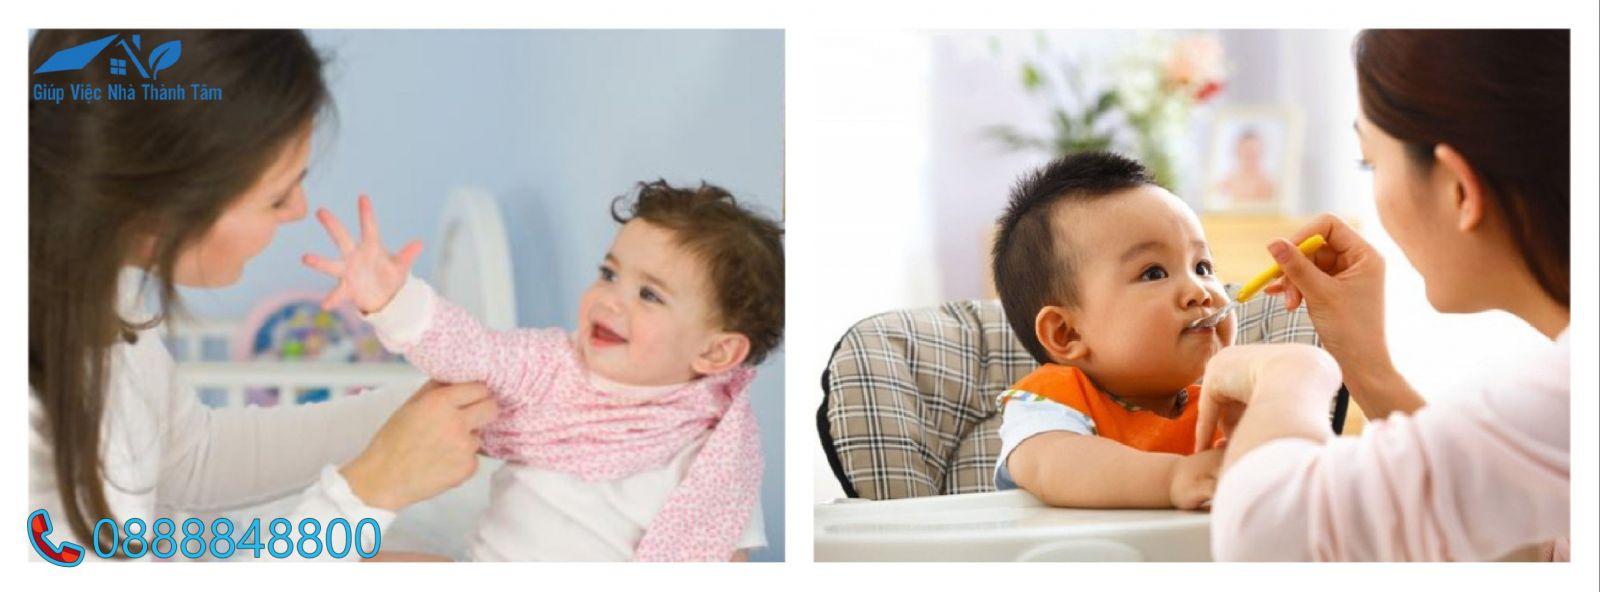 Dịch vụ giúp việc trông trẻ 6 tháng tuổi Thành Tâm